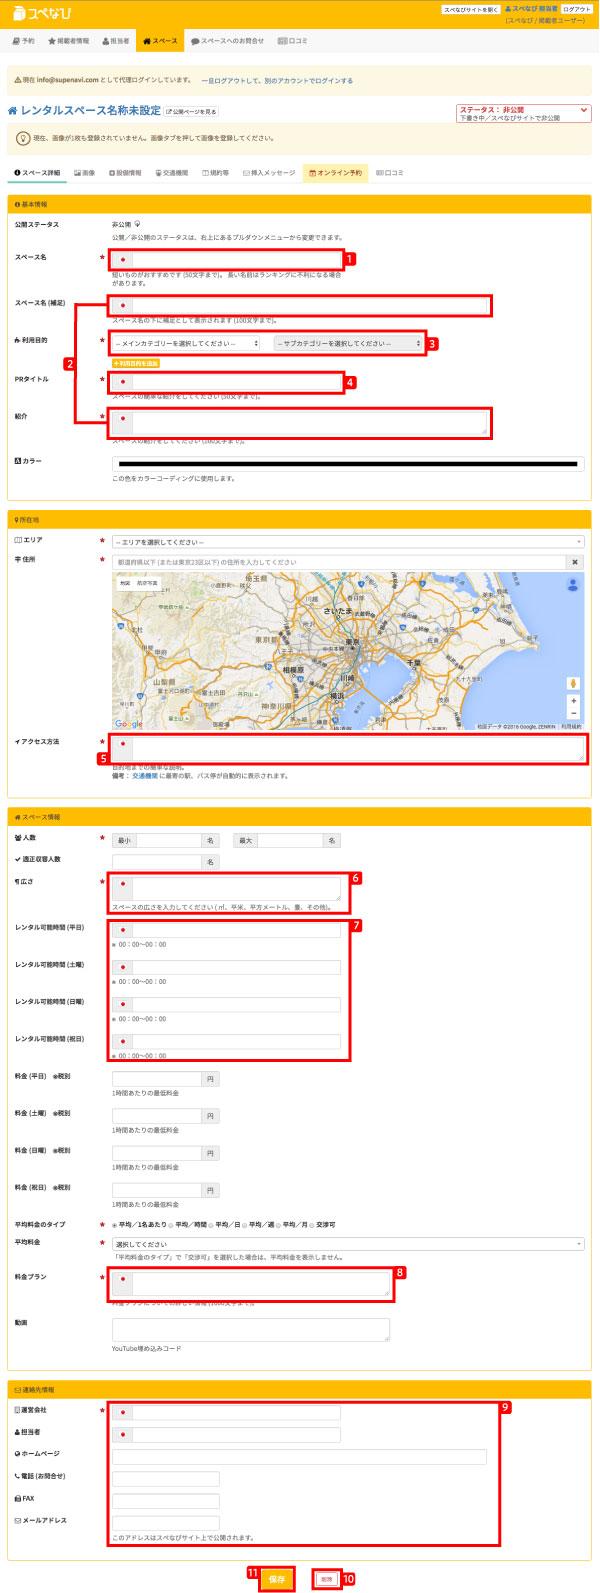 利用マニュアル-スペース掲載者掲 載の手順